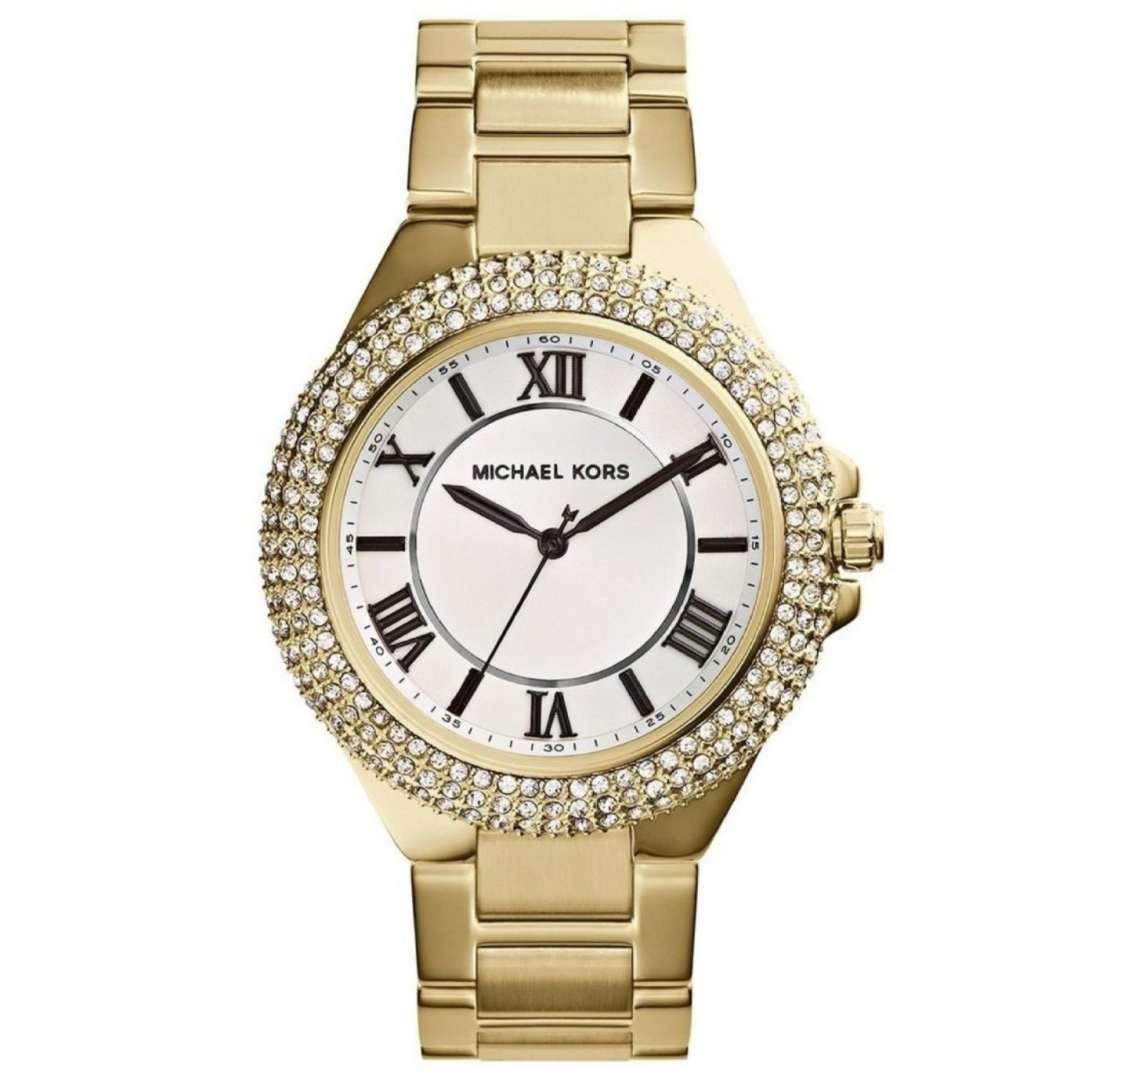 שעון יד אנלוגי לאישה michael kors mk3277 מייקל קורס